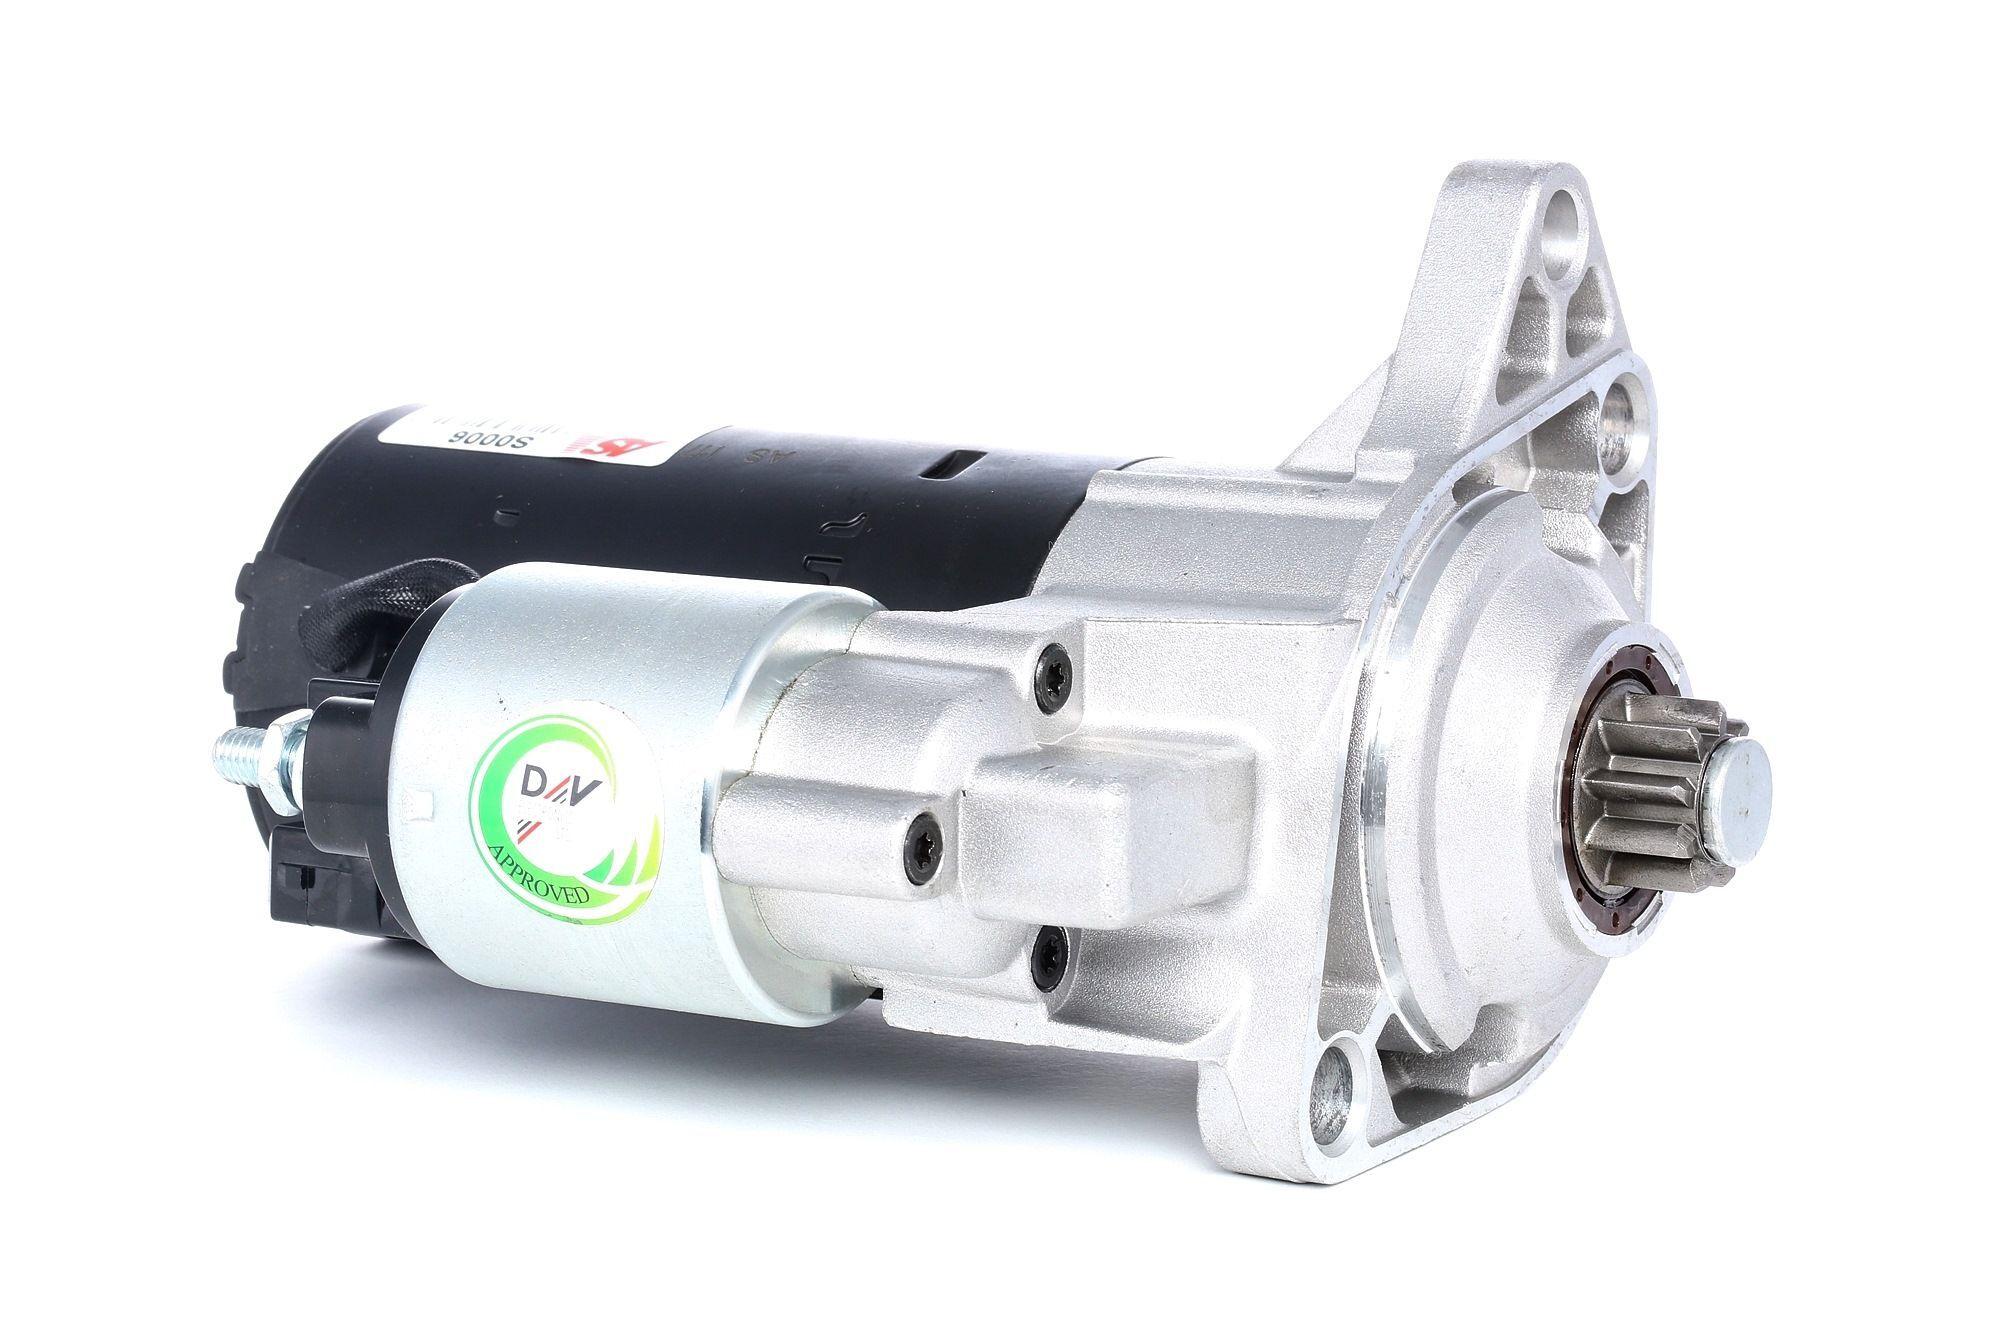 AS-PL Starttimoottori Brand new AS-PL Alternator S0006 Startti,Käynnistinmoottori AUDI,VW,SEAT,A3 8L1,GOLF IV 1J1,POLO 9N_